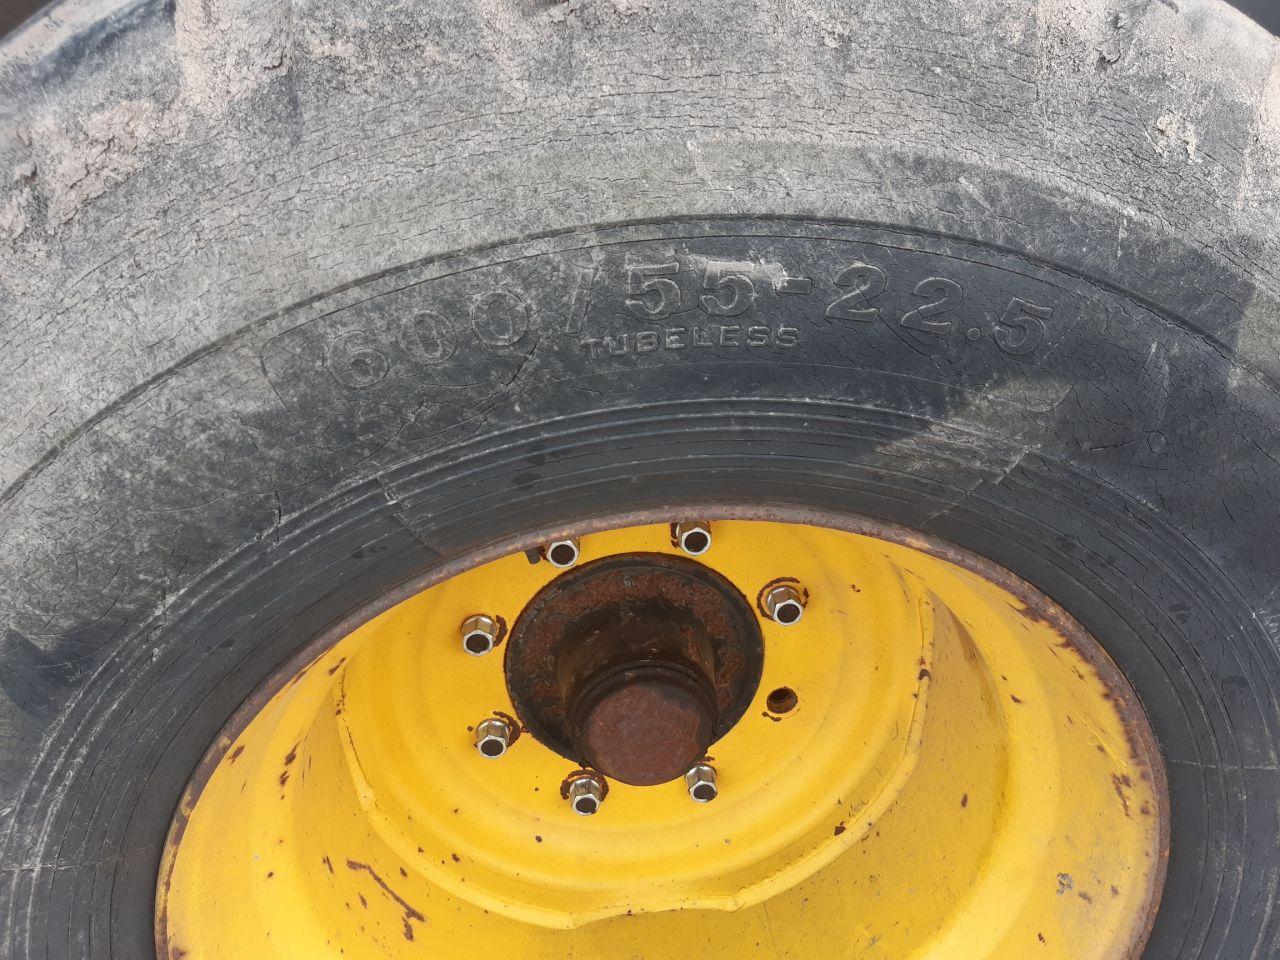 Schouten mesttank watertank 5000 ltr. geveerd en gestuurd tandem